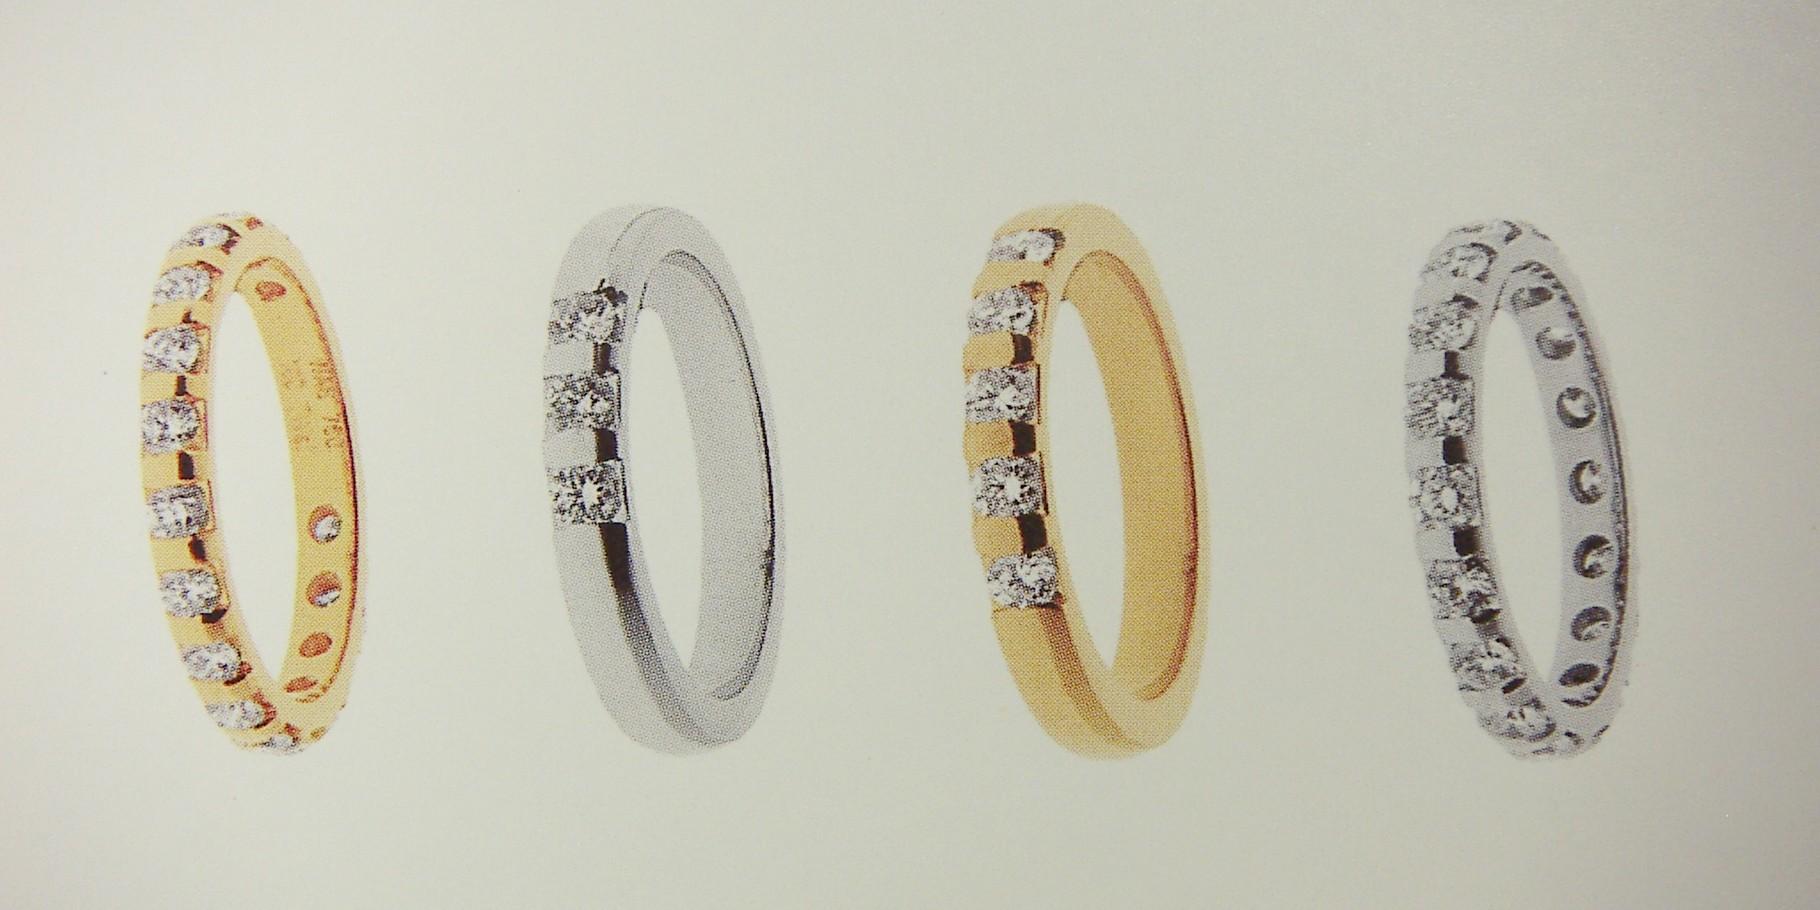 Ring, Gelb- und Weissgold 750, mit Steg-Fassung